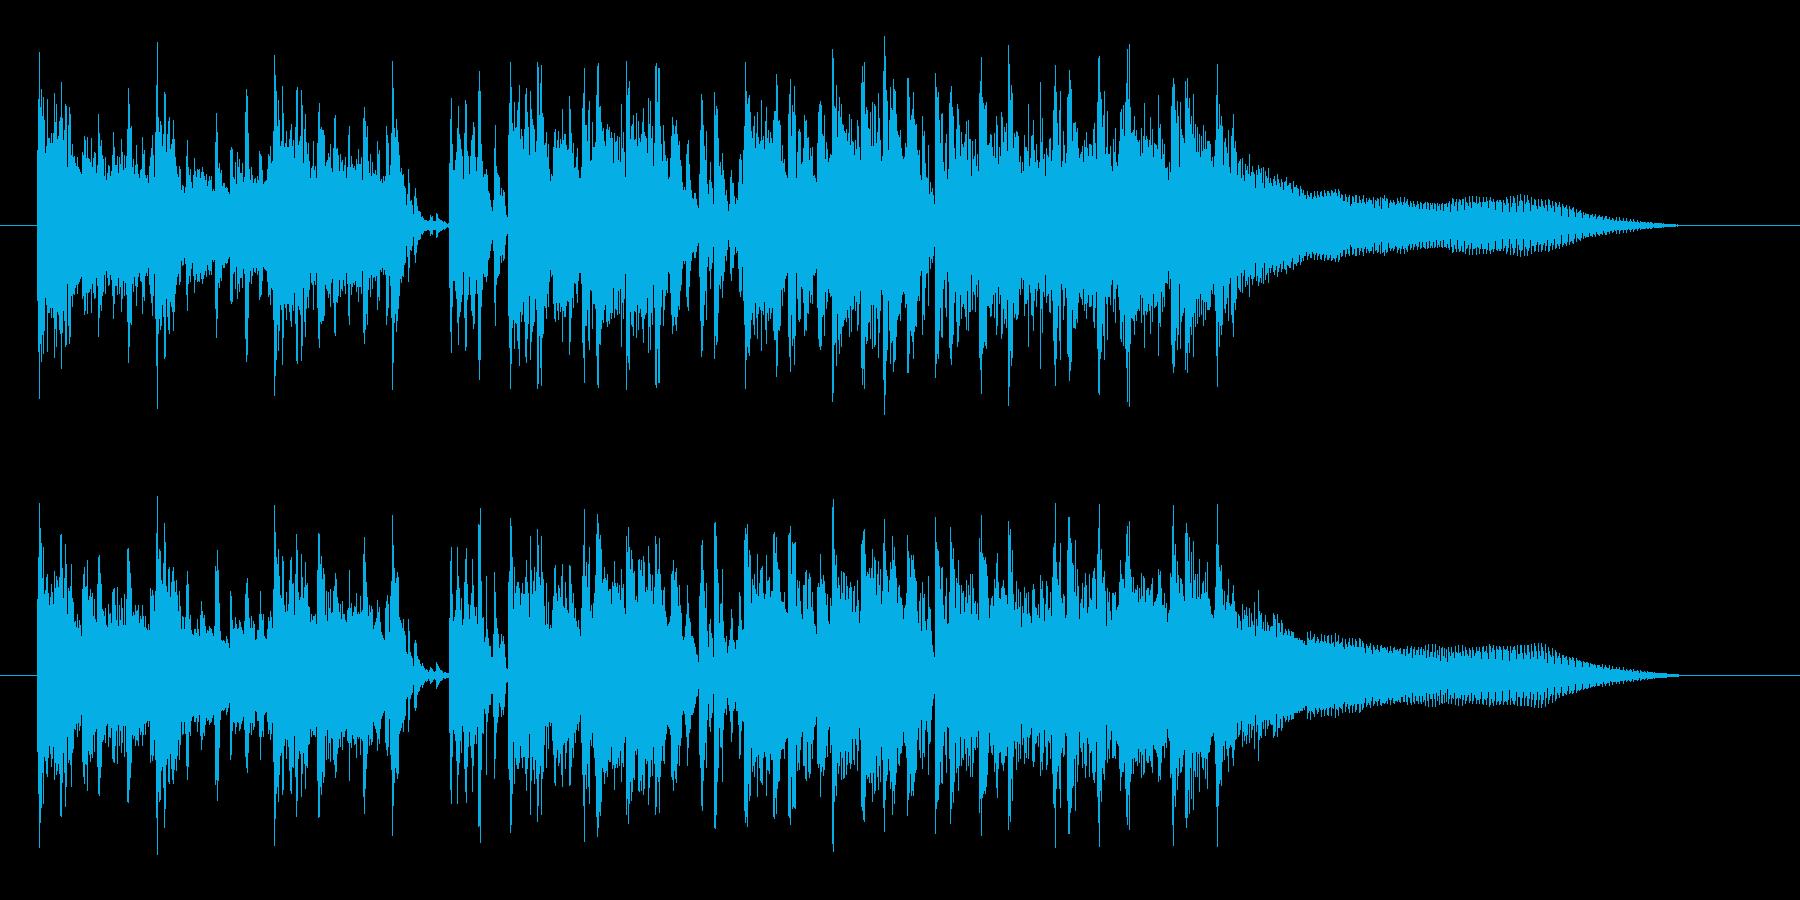 シリアスでドキドキ感ギターシンセサウンドの再生済みの波形